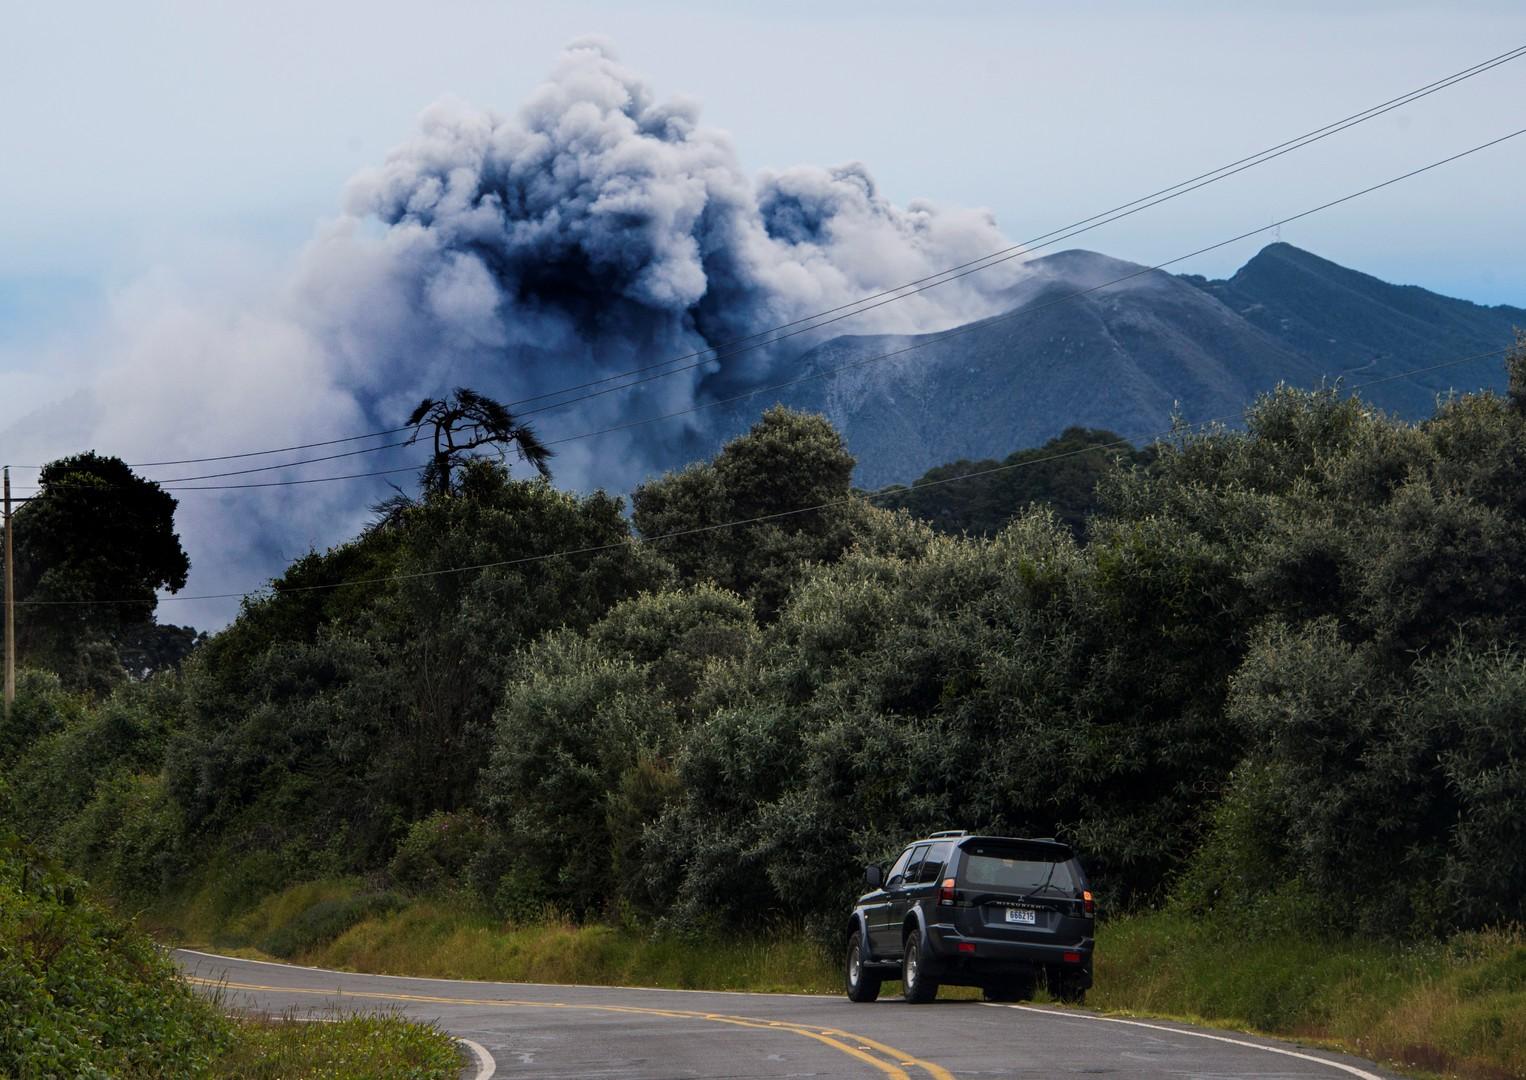 Вид на вулкан Турриальба в городе Картаго. Власти страны приостановили работу главного аэропорта страны после сильного извержения вулкана.